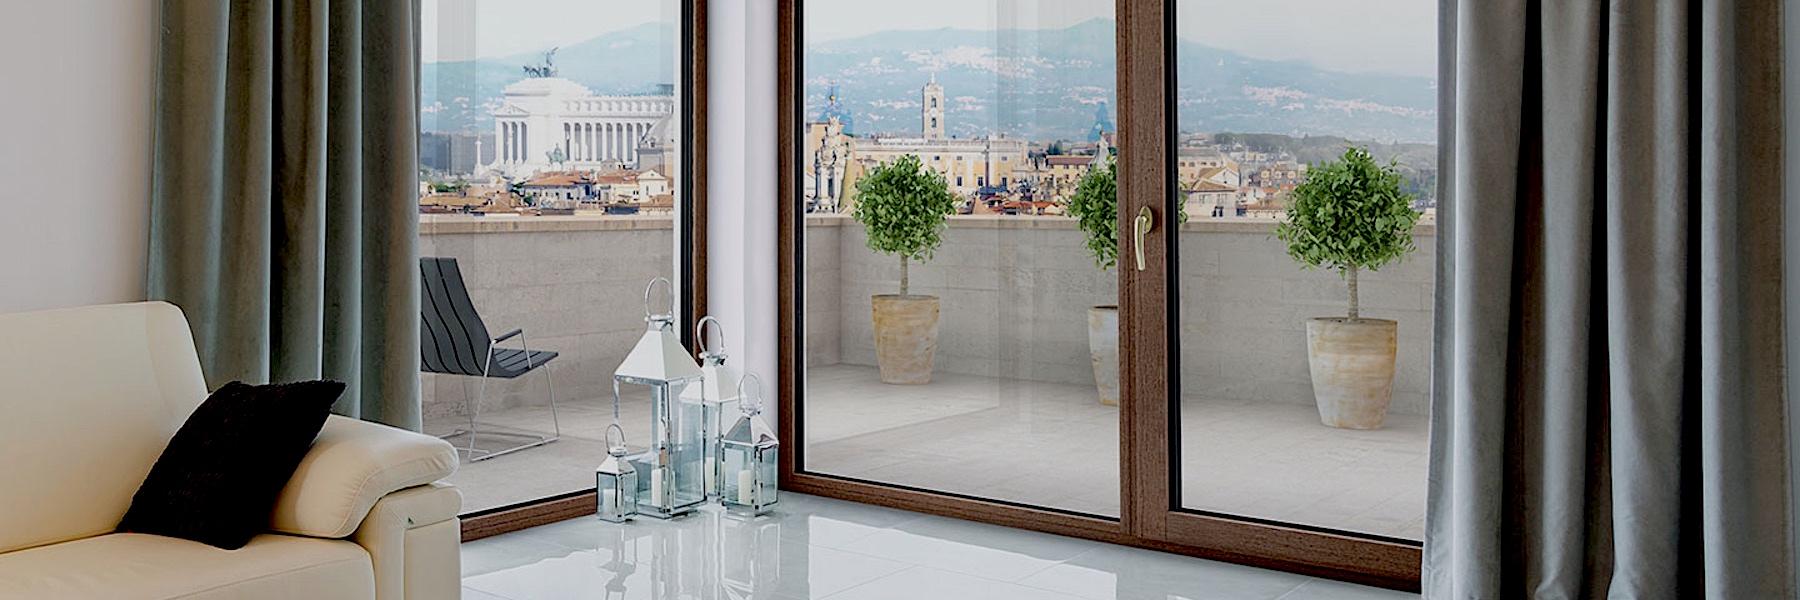 Finestre in alluminio vivi italia srl - Finestre legno italia ...